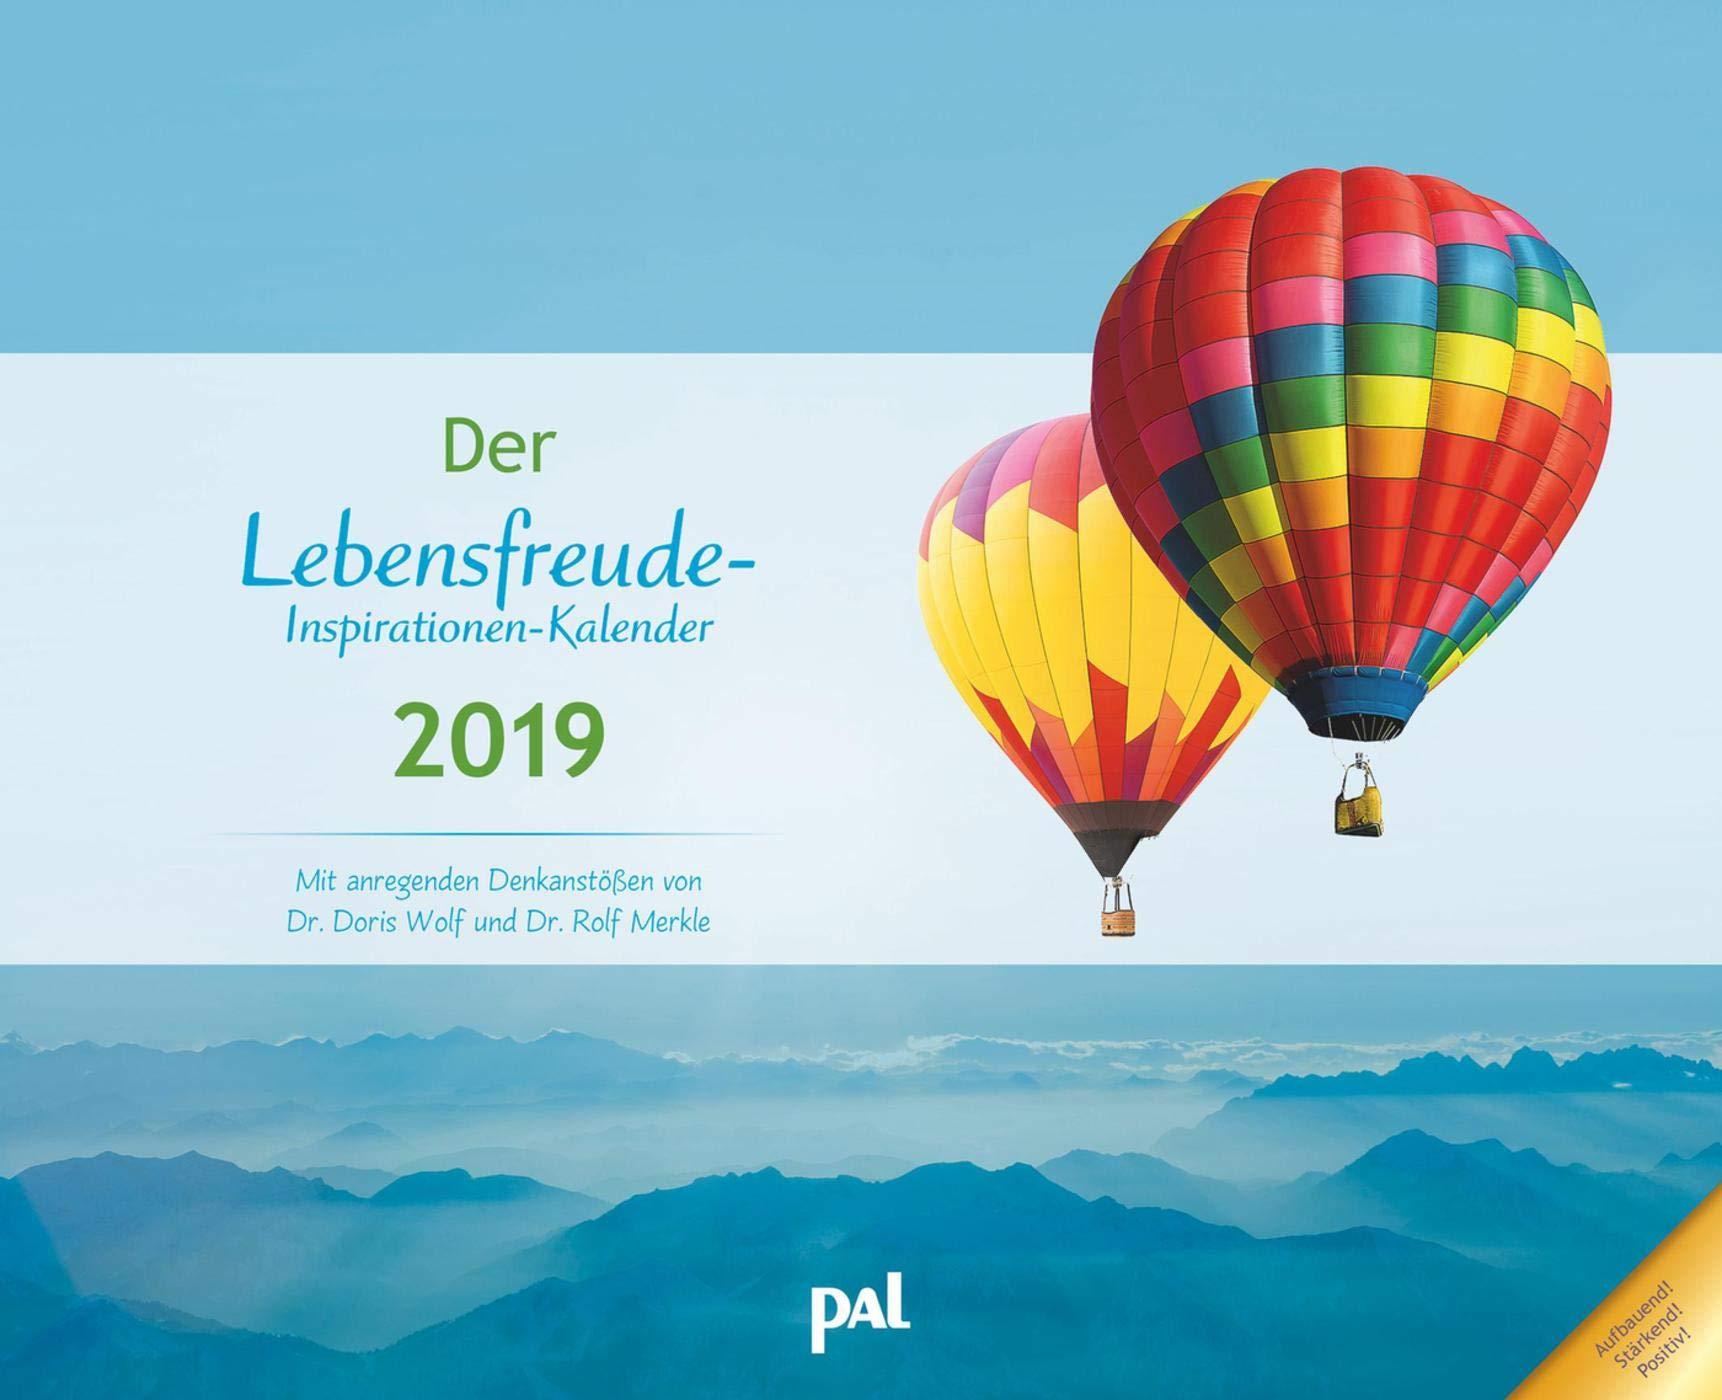 Der Lebensfreude-Inspirationen-Kalender 2019: Wandkalender zum Aufhängen, wunderschöne Landschaftsmotive mit motivierenden und positiven Gedanken, 56,0 x 45,5 cm